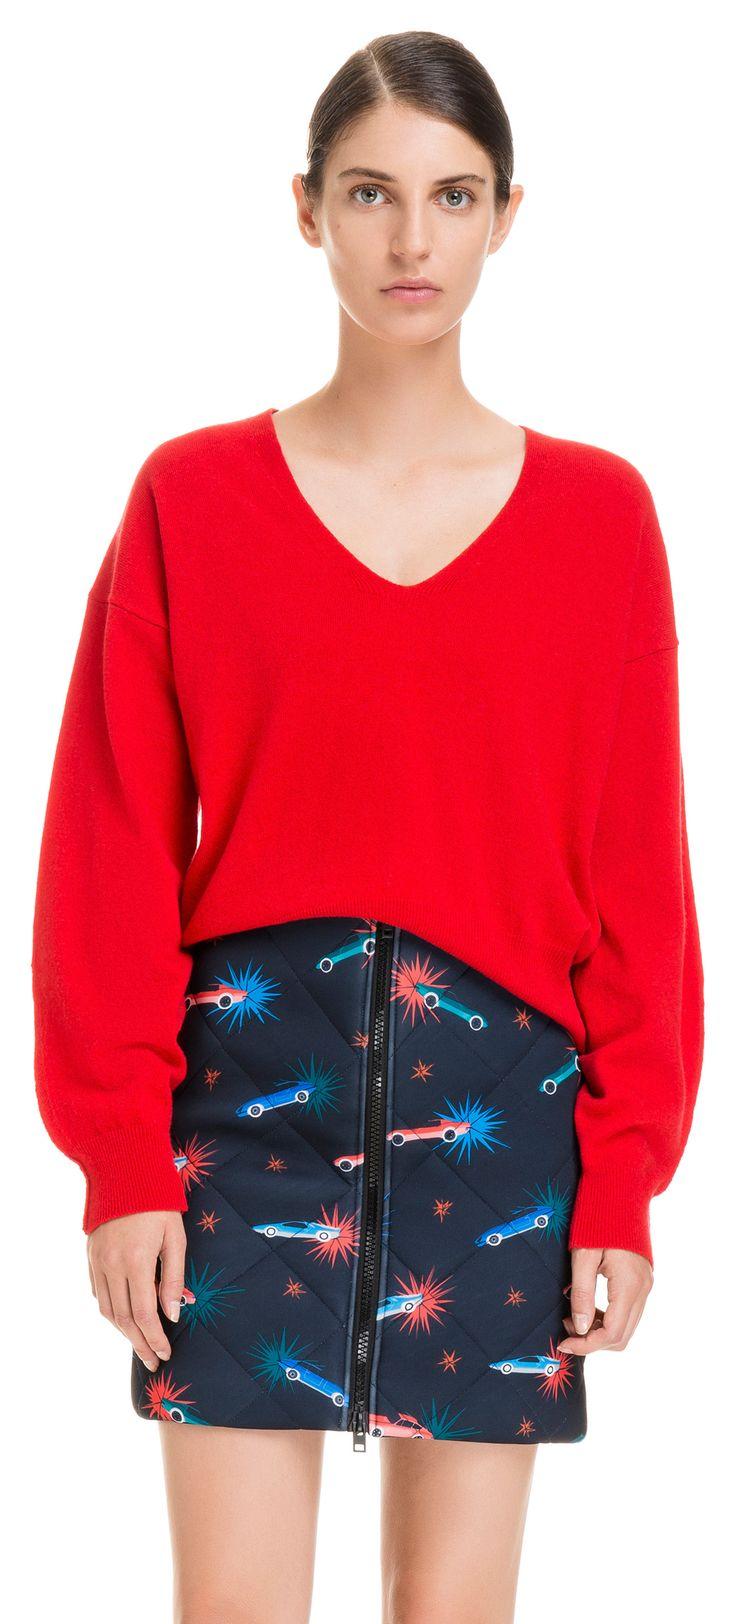 Jersey escotado rojo | BIMBA Y LOLA ®